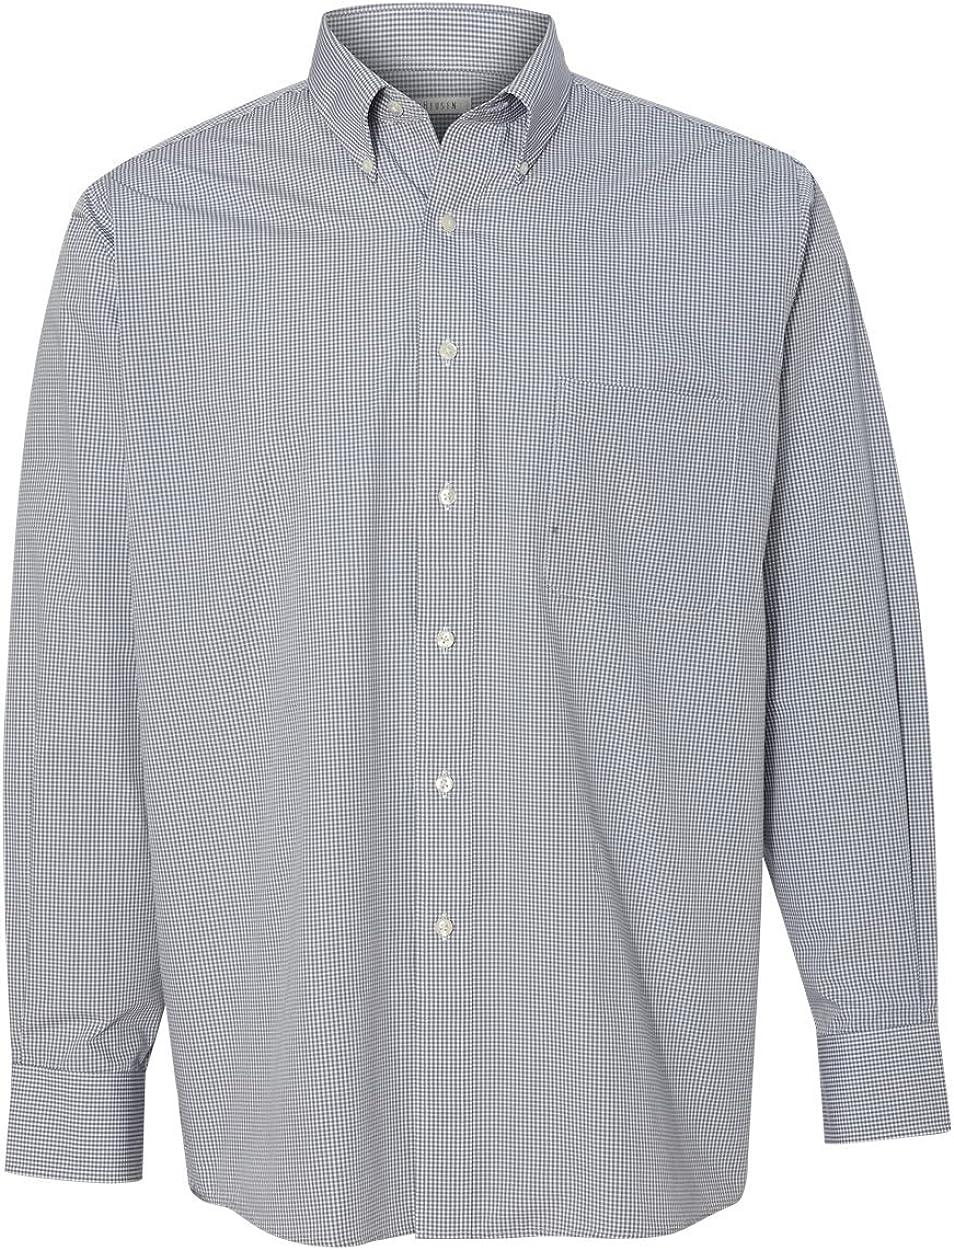 Van Heusen Mens Dress Shirts Regular Fit Gingham Button Down Collar